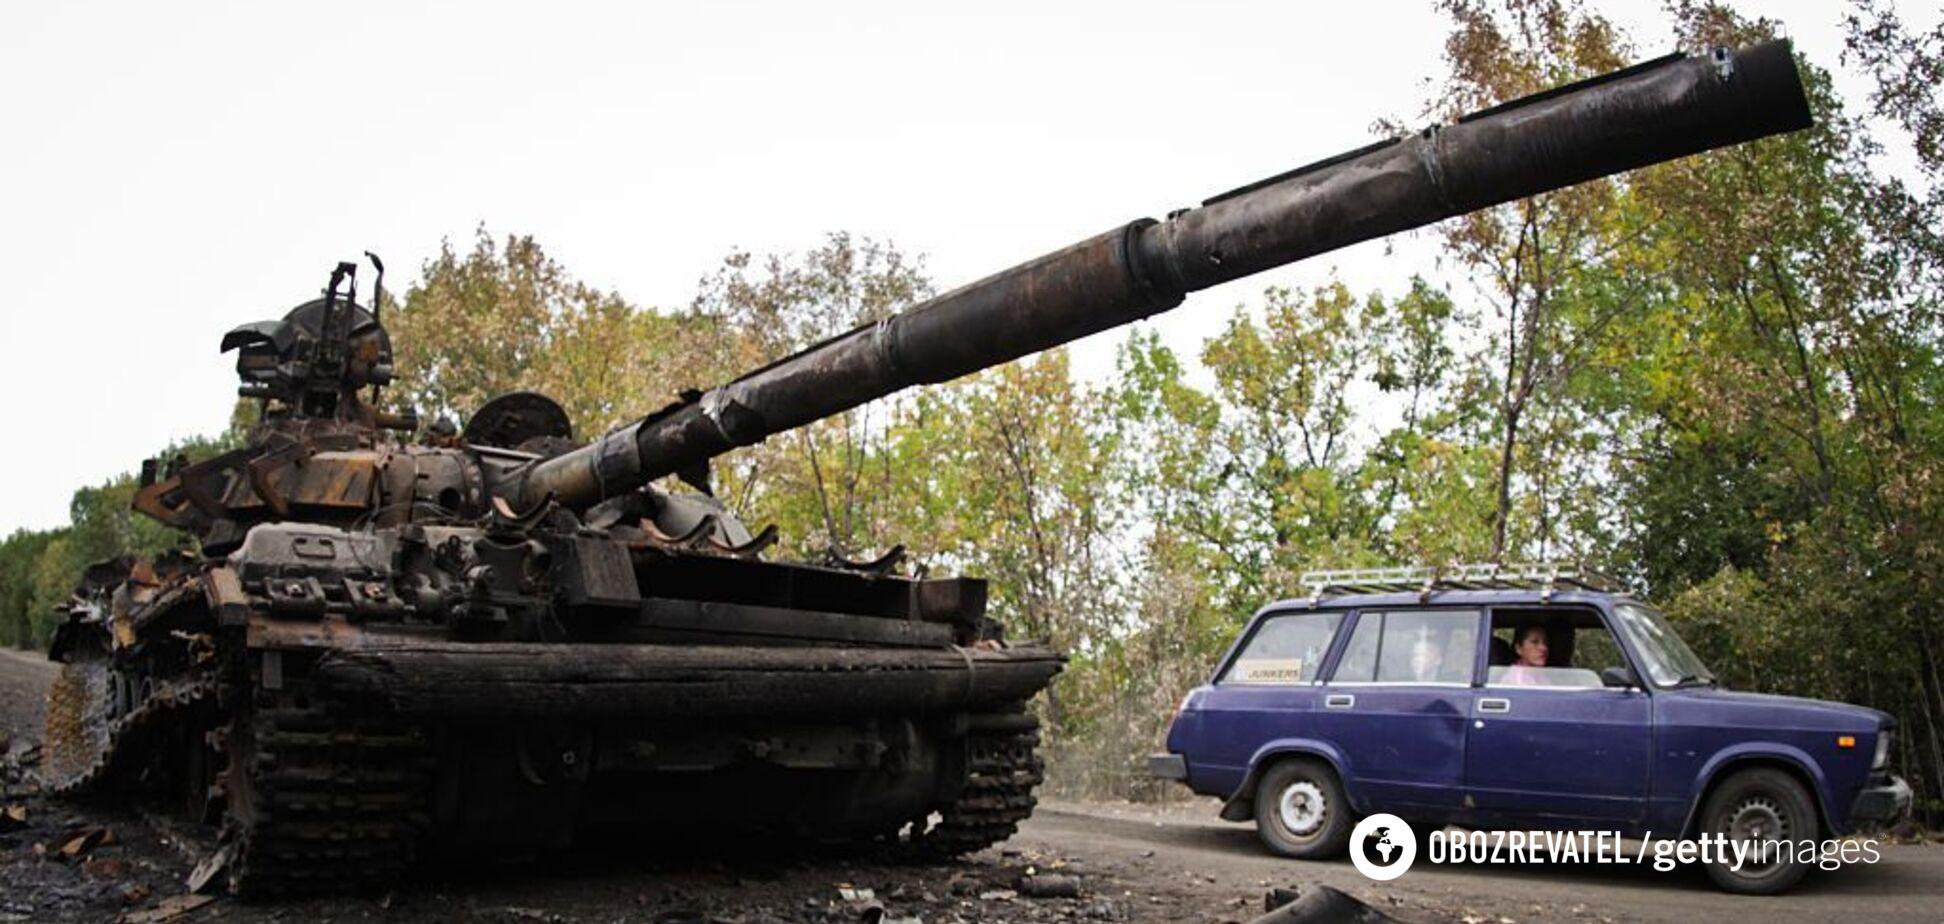 Таємно стягують техніку: ЗСУ попередили про нову підлость терористів на Донбасі